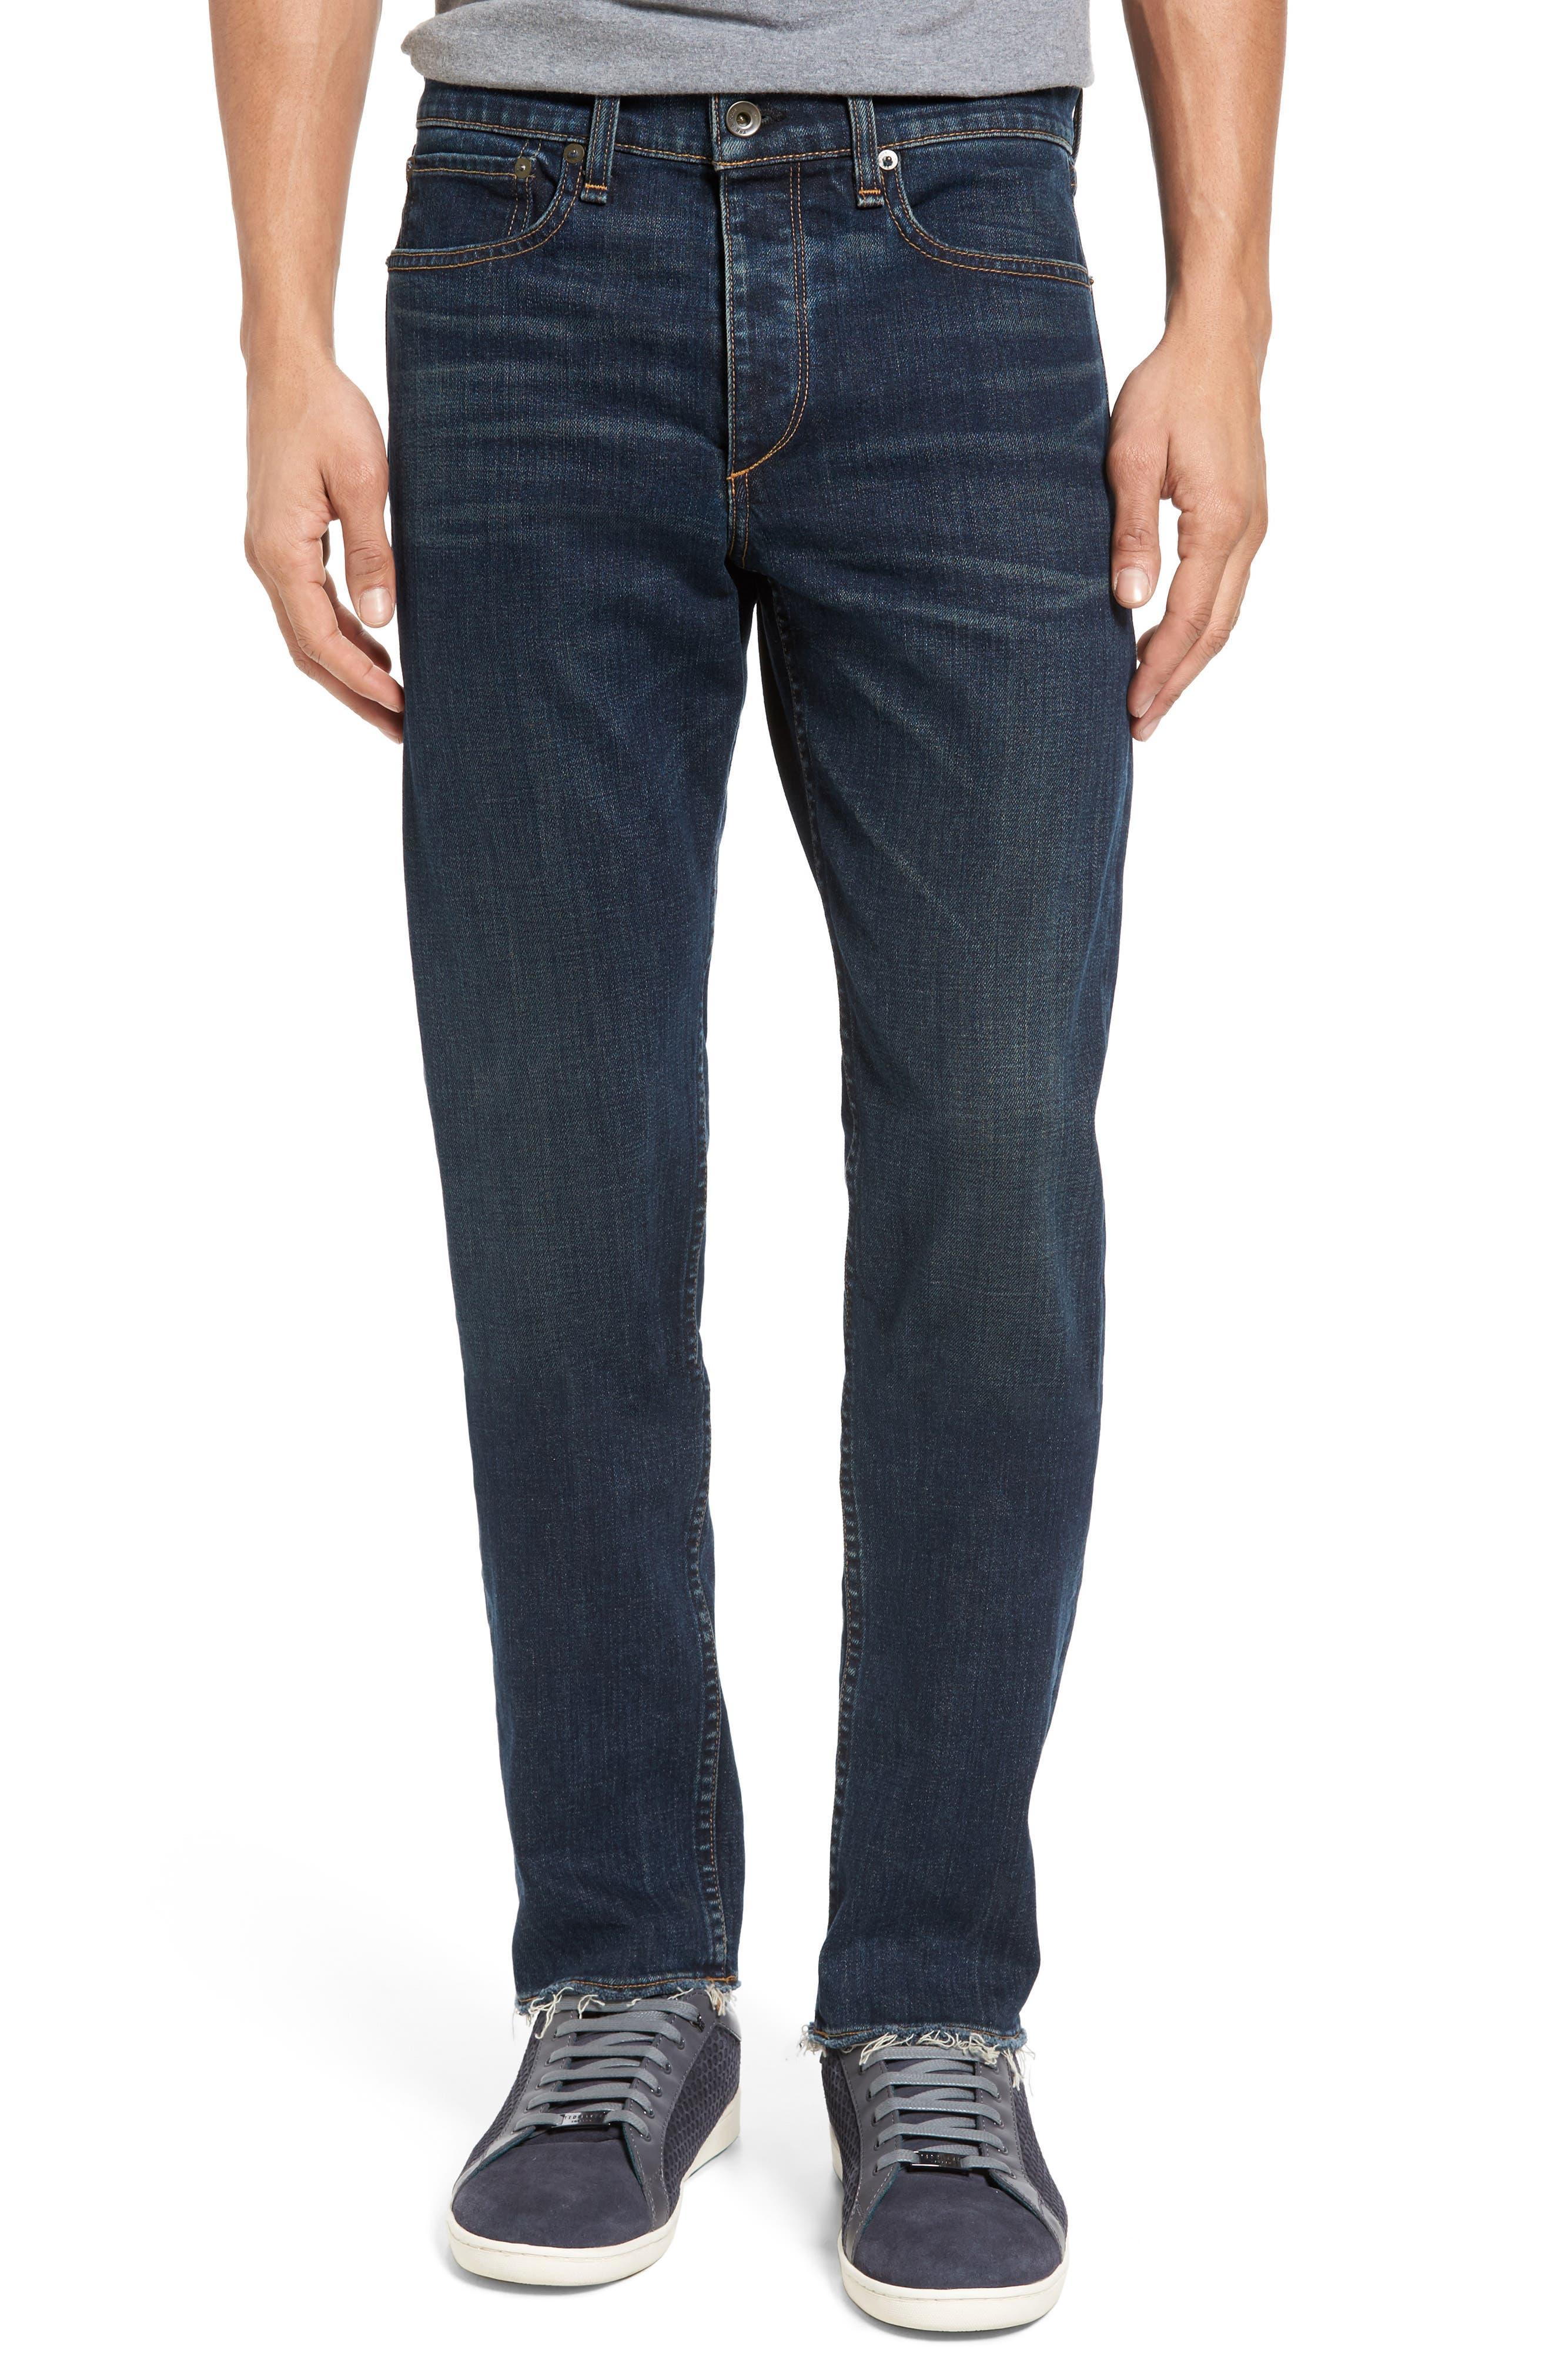 Fit 2 Slim Fit Jeans,                             Main thumbnail 1, color,